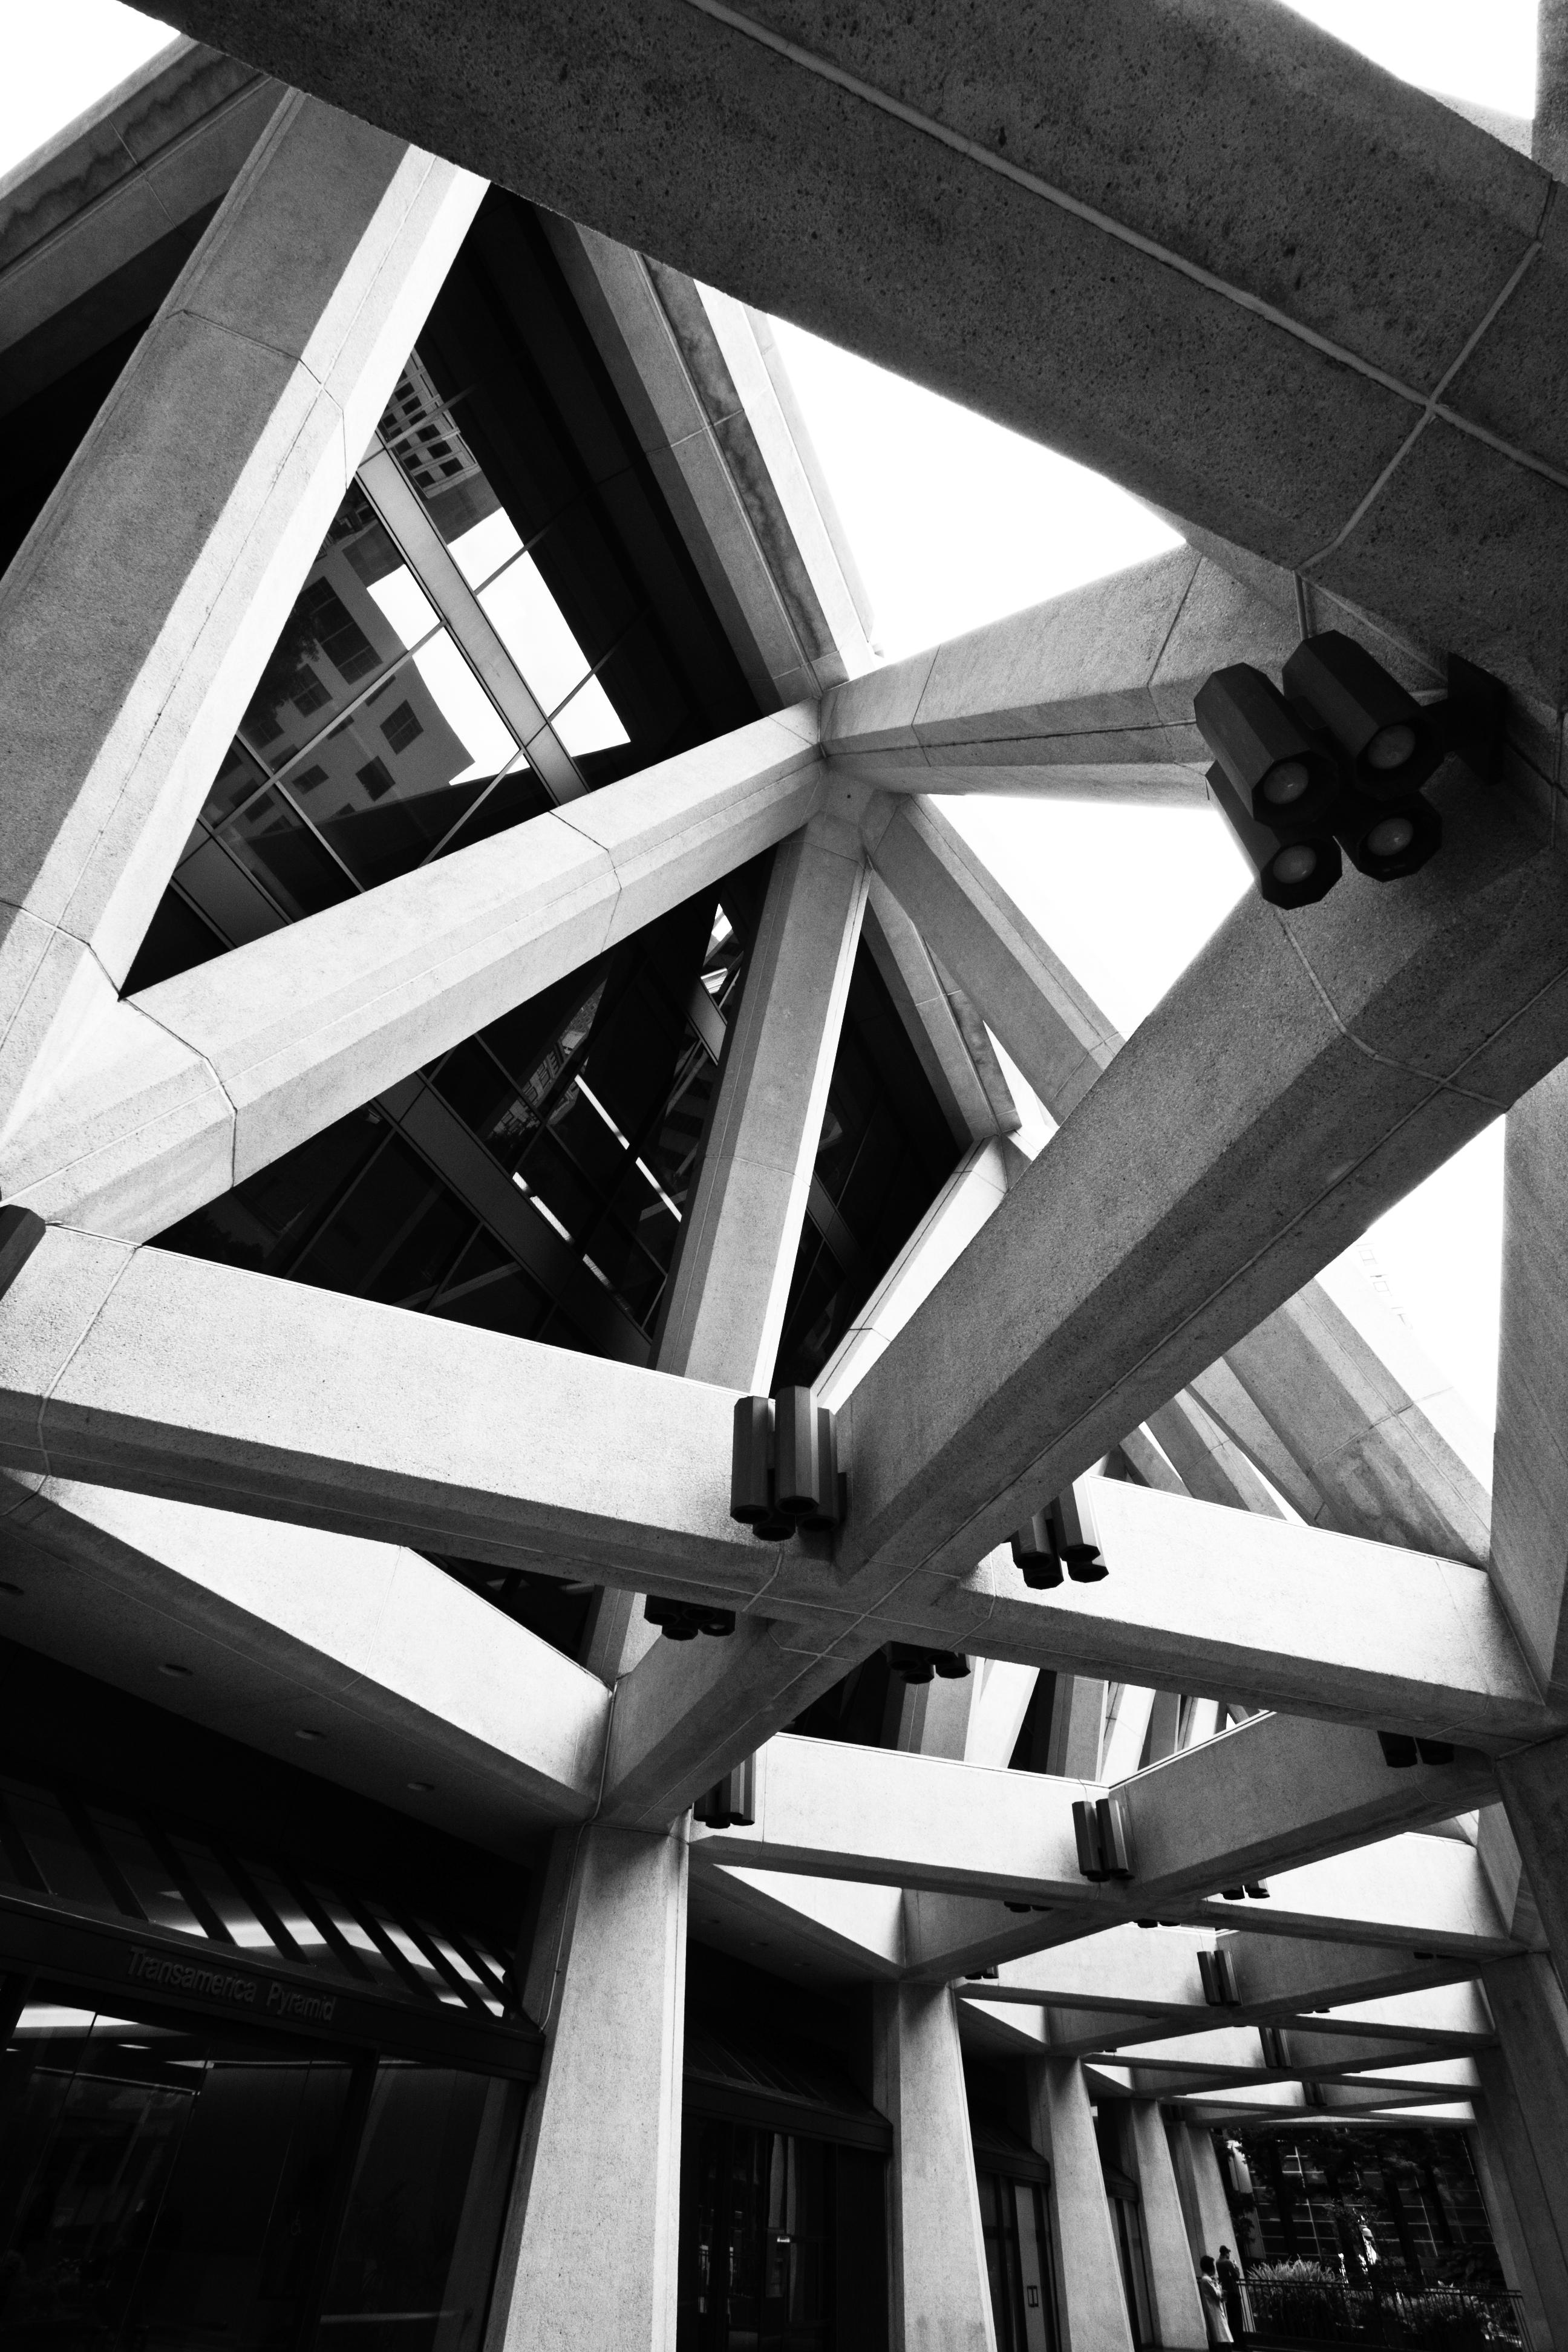 More interesting and unique San Francisco architecture